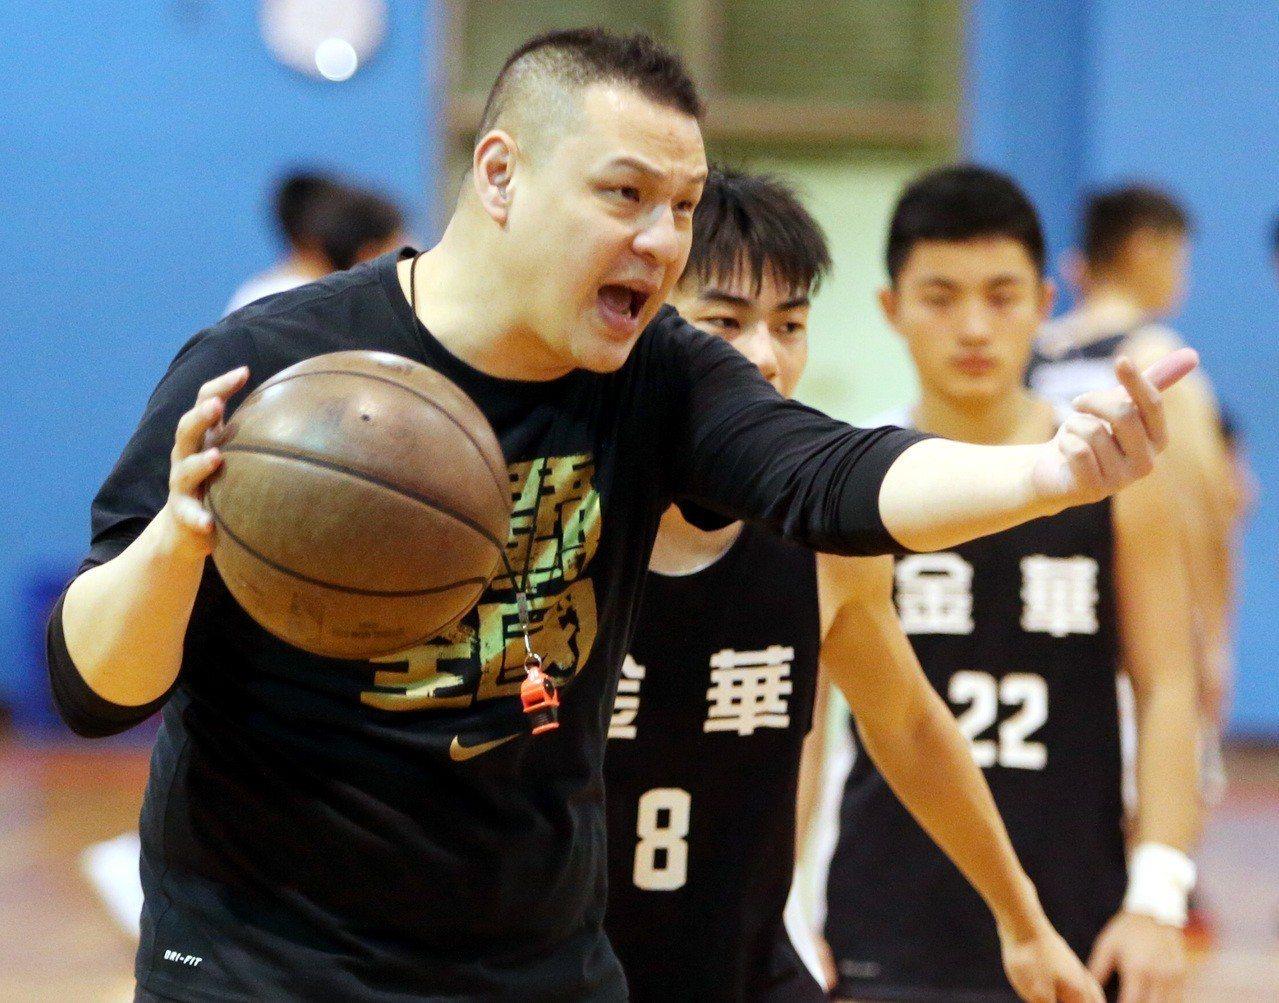 金華國中籃球隊教練吳正杰指導球員練球。記者侯永全/攝影